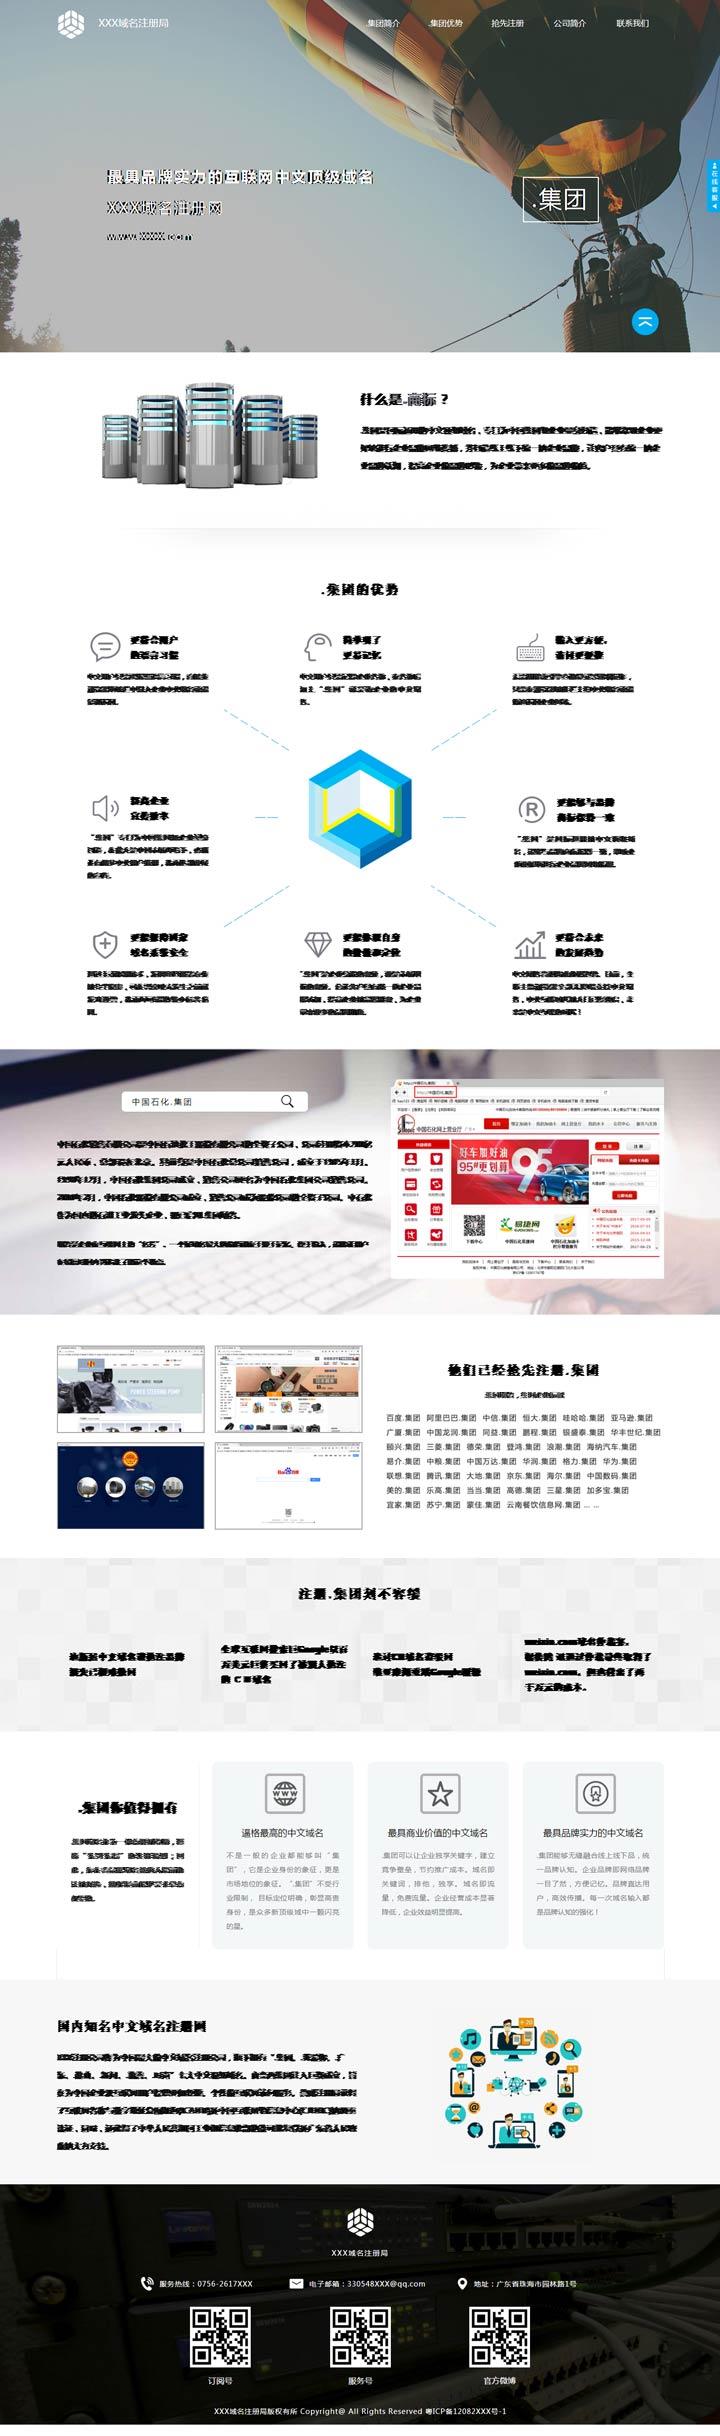 域名注册模板